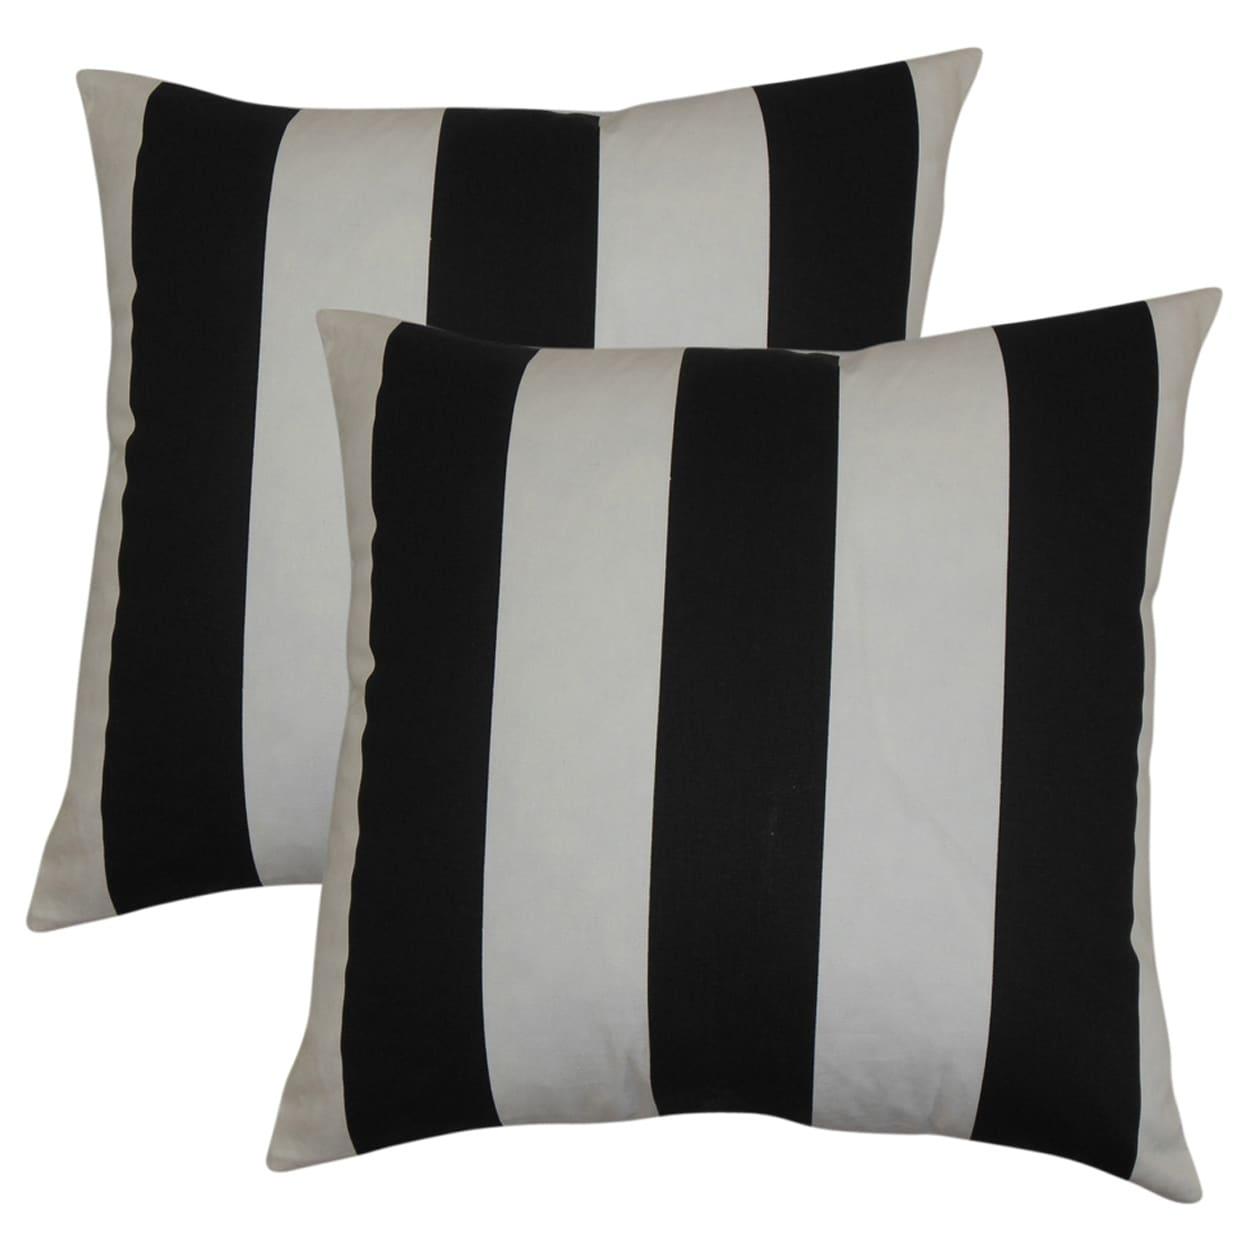 Set Of 2 Leesburg Stripes Throw Pillows In Black White